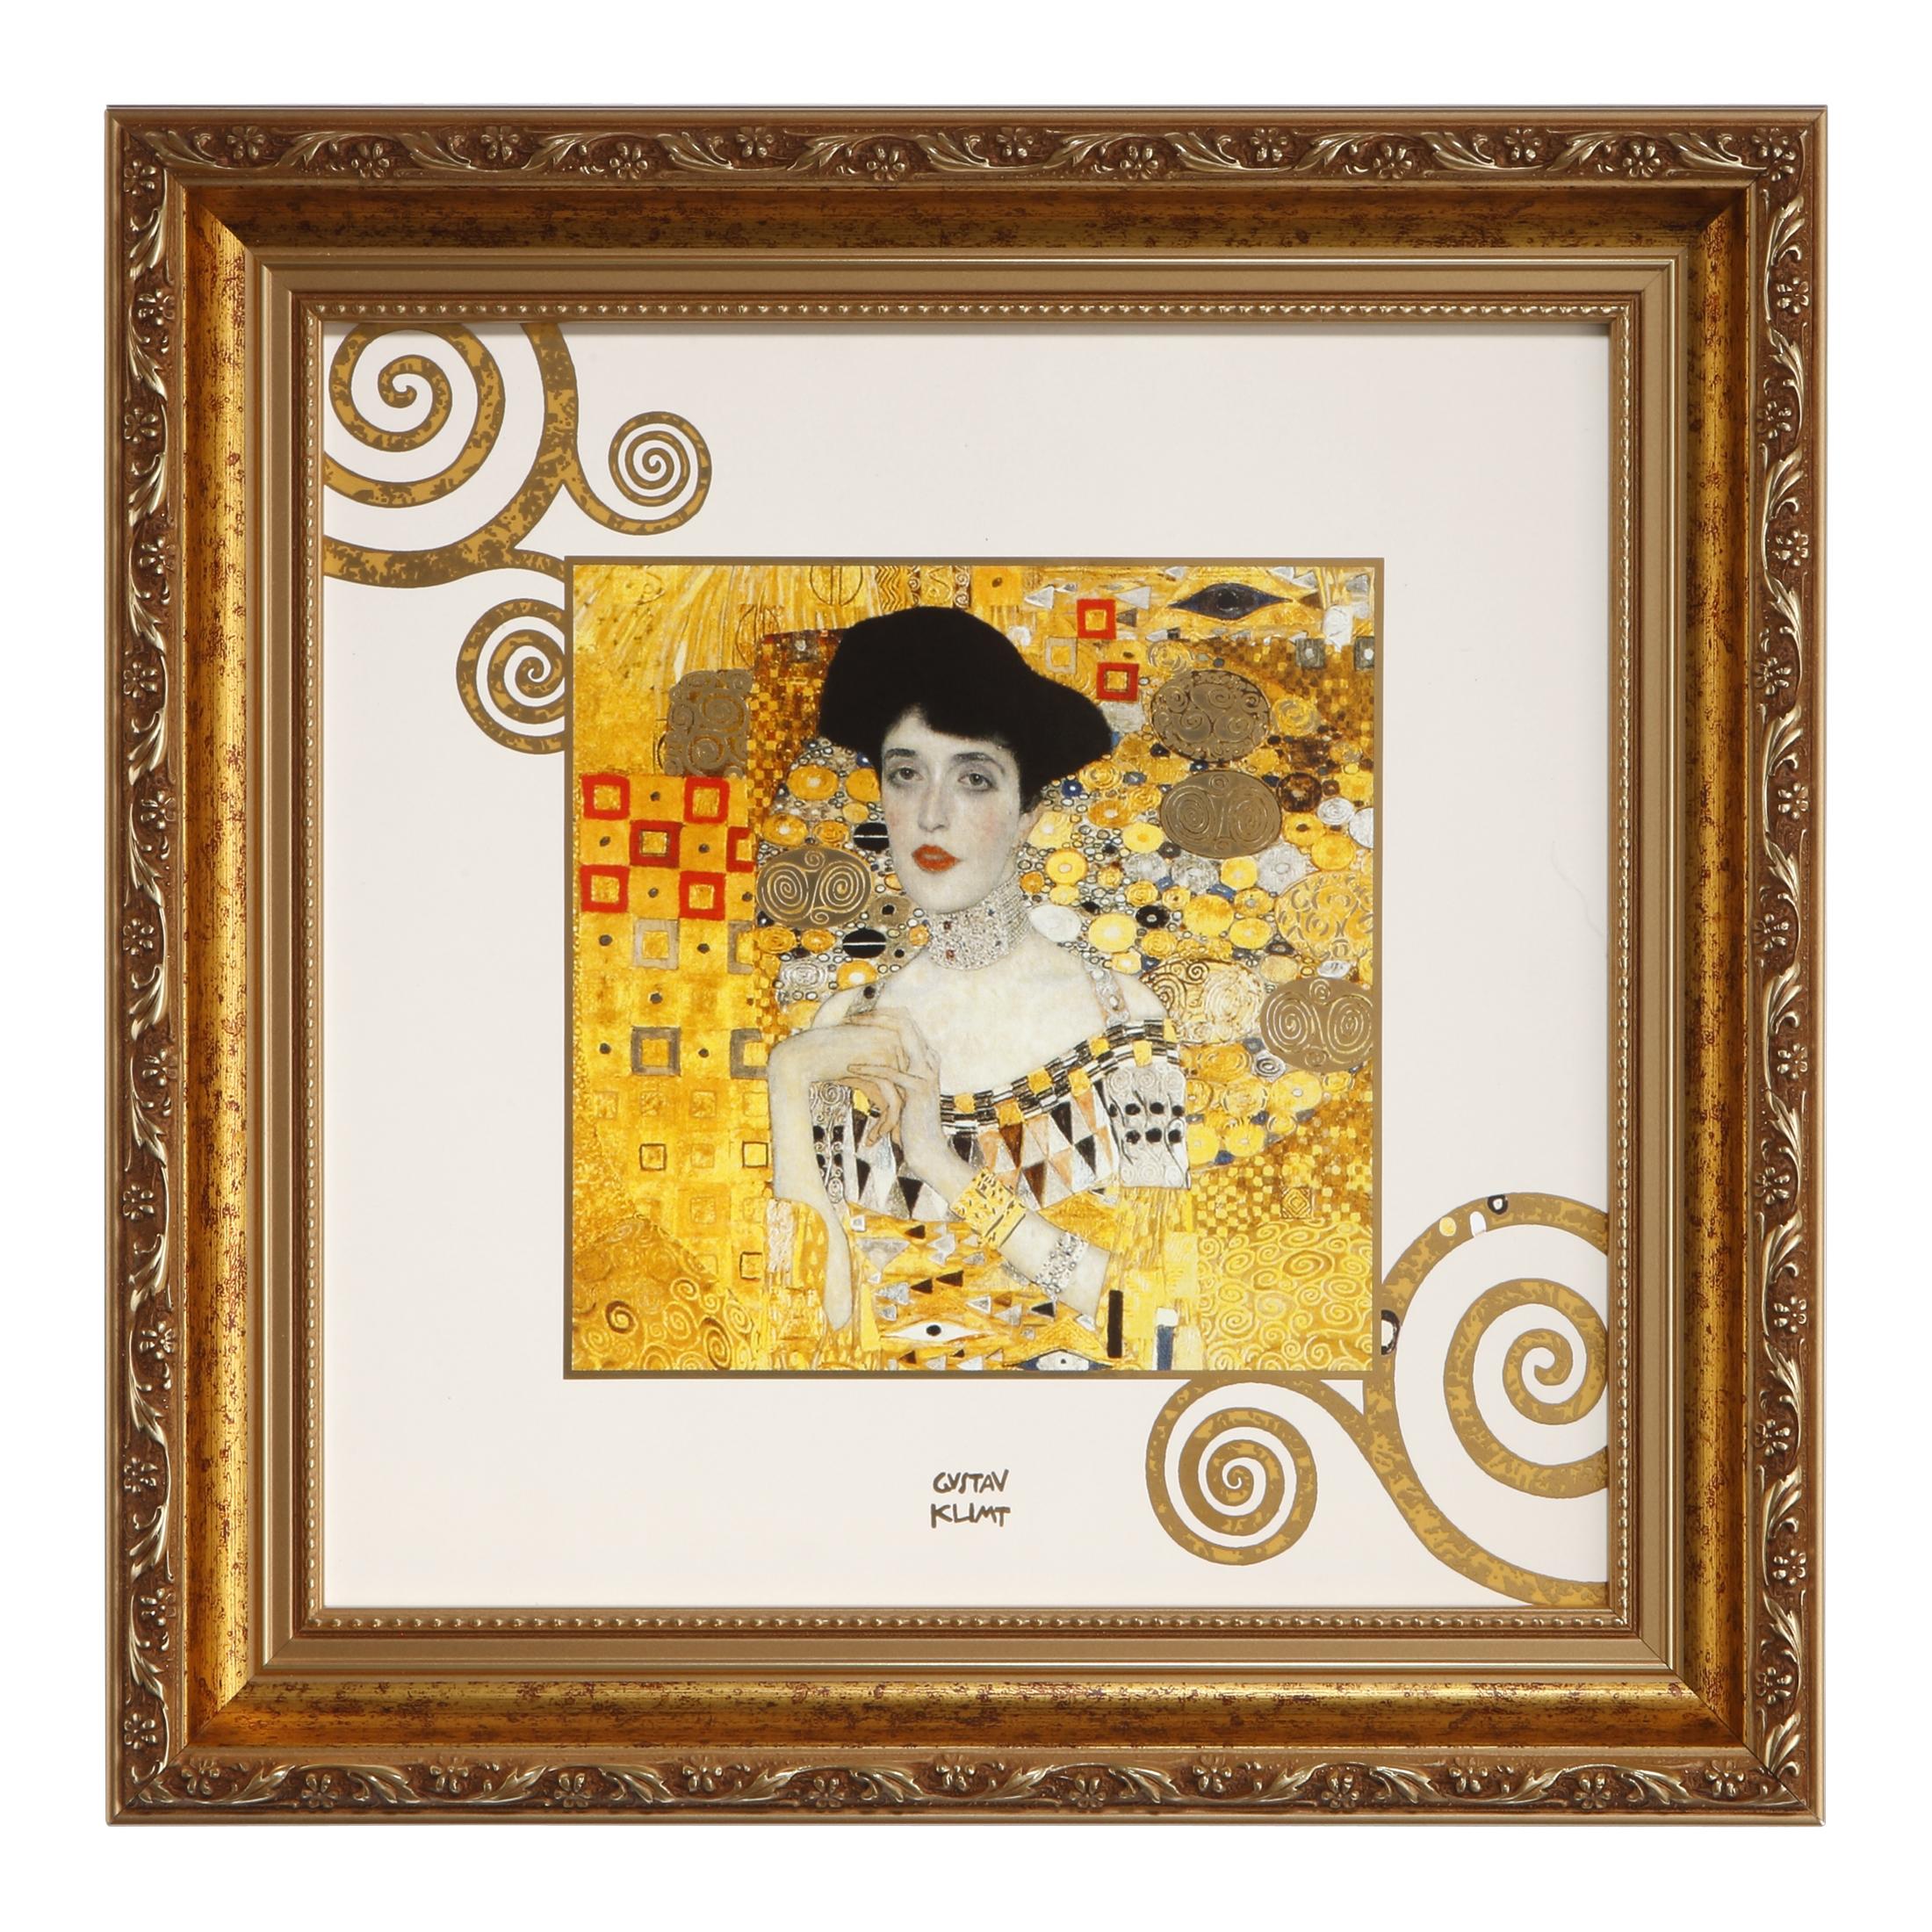 Goebel Artis Orbis Gustav Klimt 'AO P BI Adele' 2021